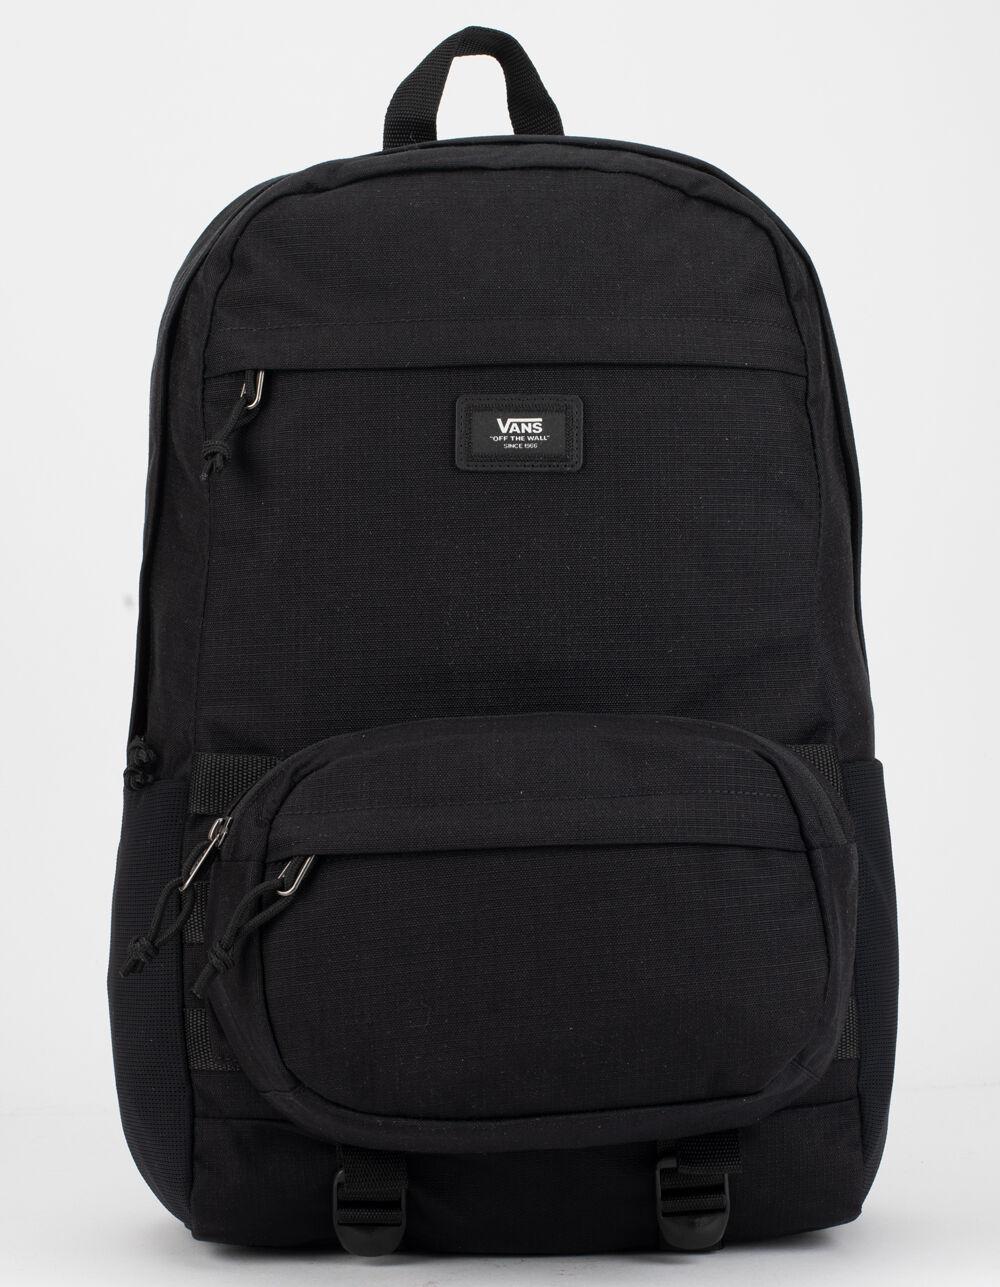 VANS Transplant Modular Backpack